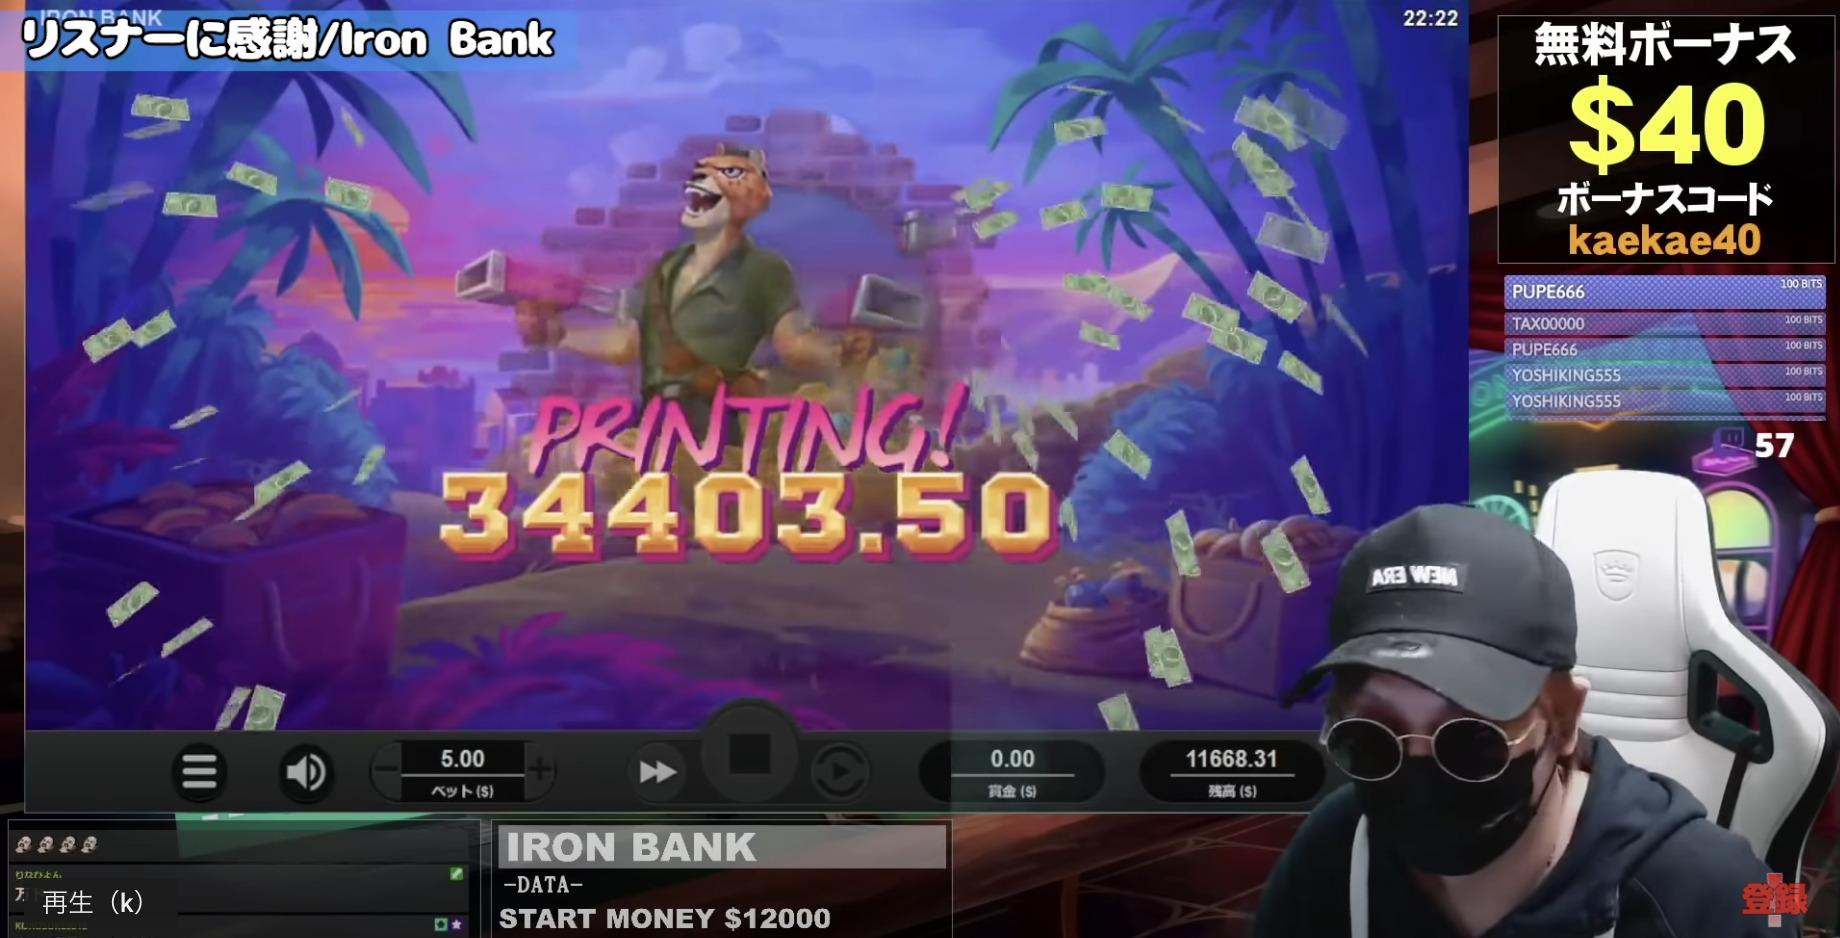 kaekae iron Bank